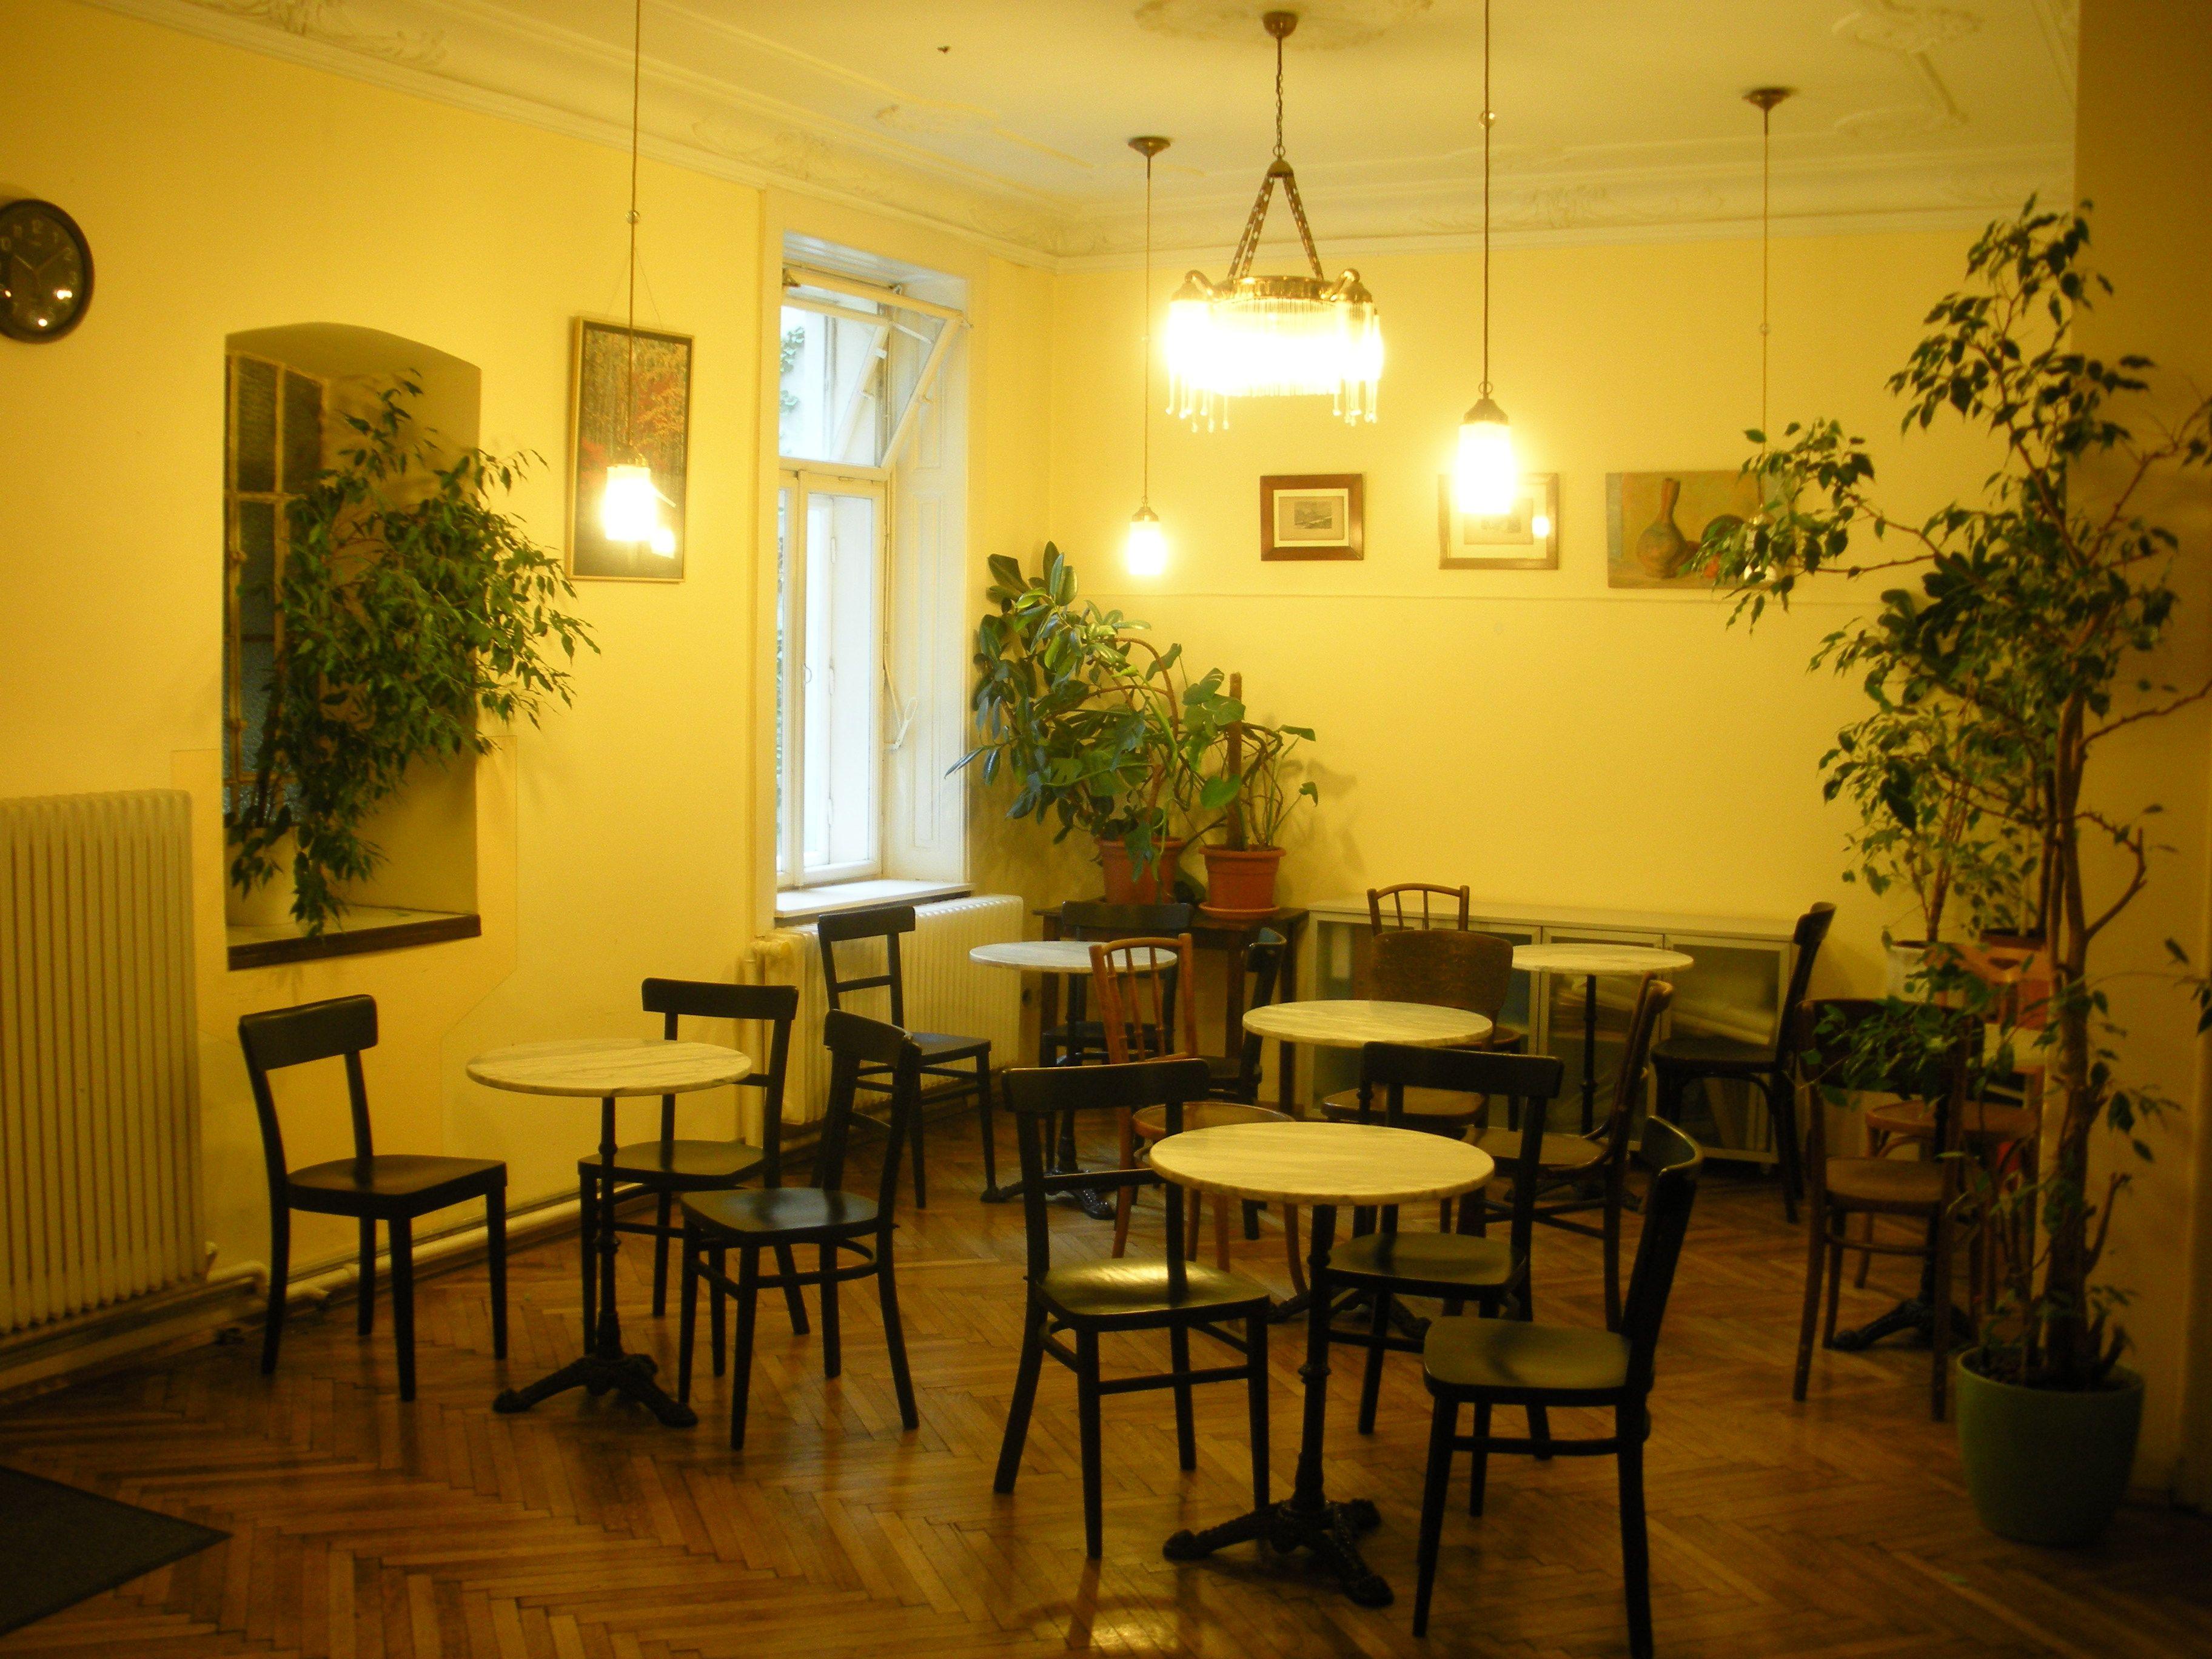 Unser Pausenraum ist die kommunikative Drehscheibe in unserem Sprachenzentrum. In unseren Englisch- und Deutschkursen in Wien lernen Teilnehmerinnen aus vielen verschiedenen Ländern.